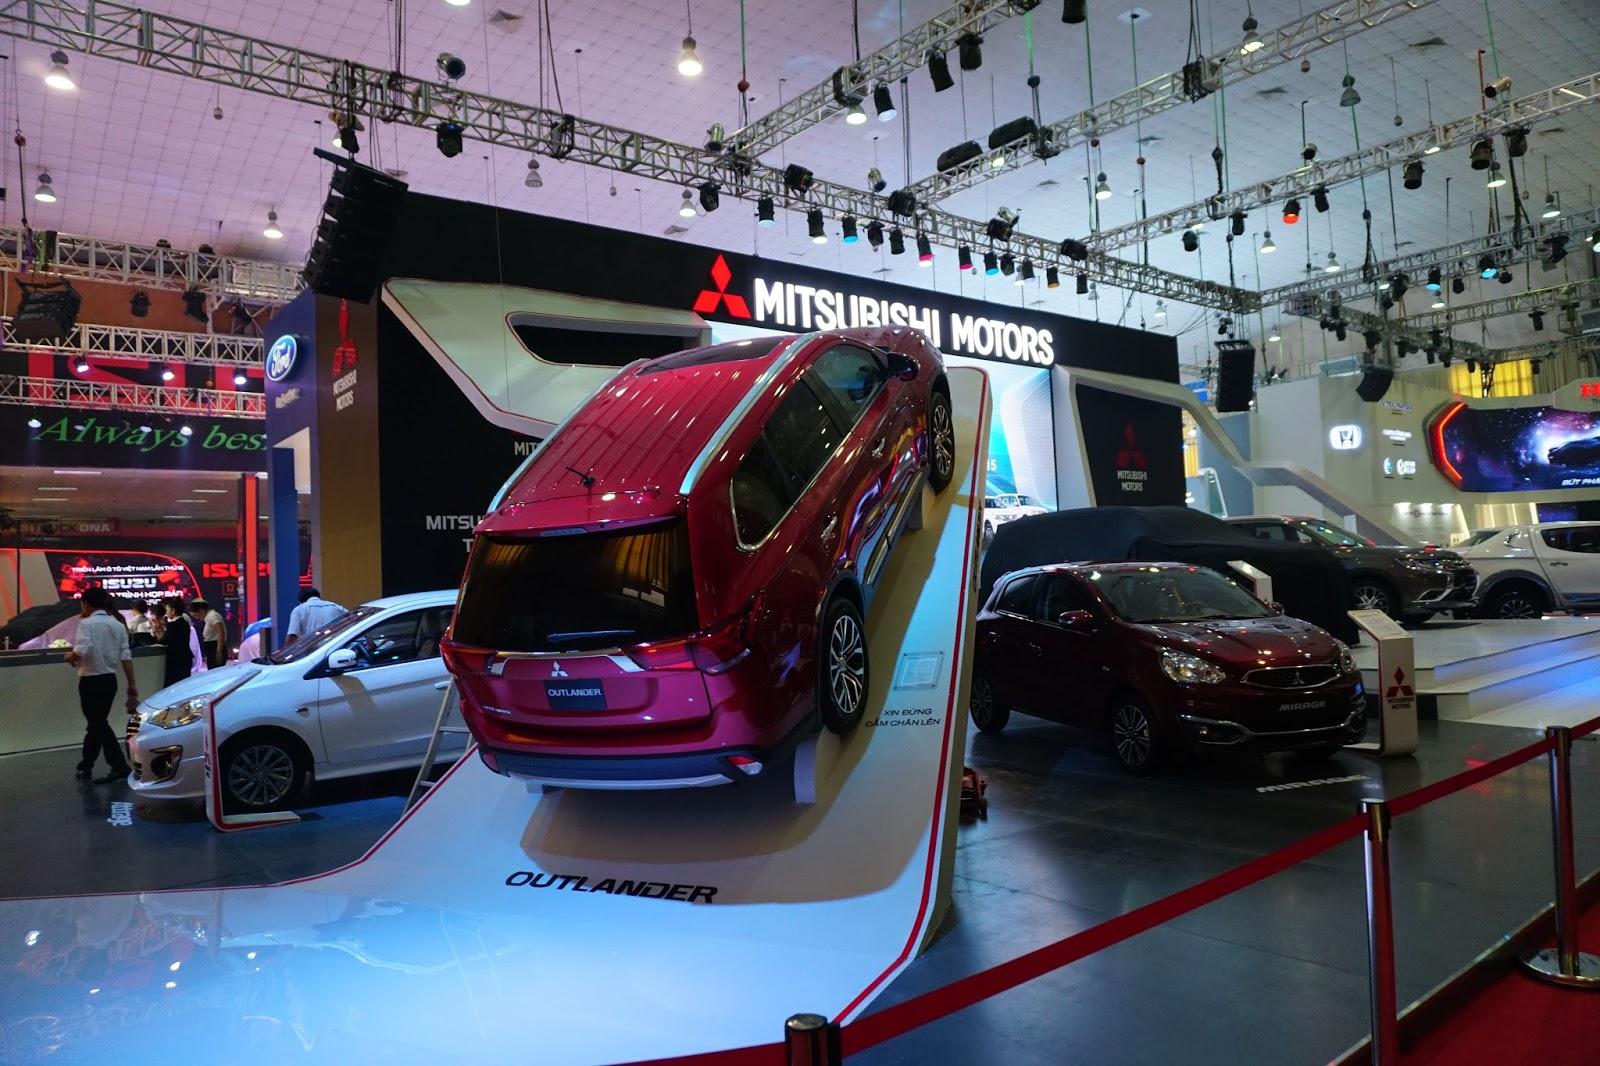 Gian trưng bày của Mitsubishi phá cách với Pajero và Outlander